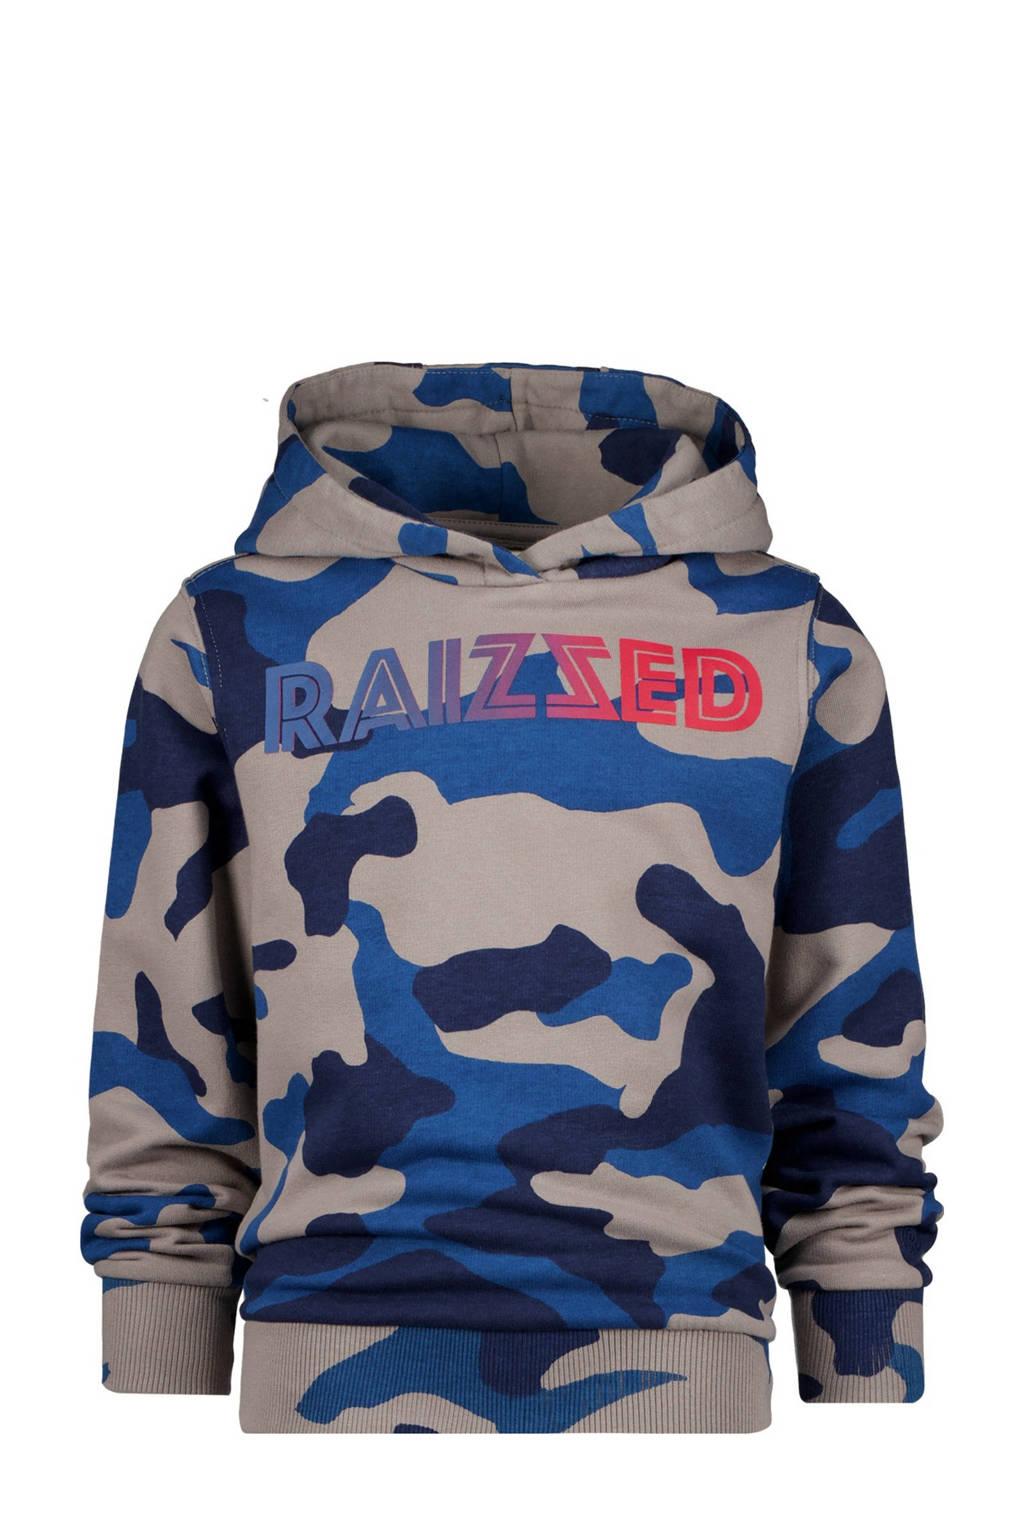 Raizzed hoodie Marsthon met camouflageprint blauw/zand, Blauw/zand